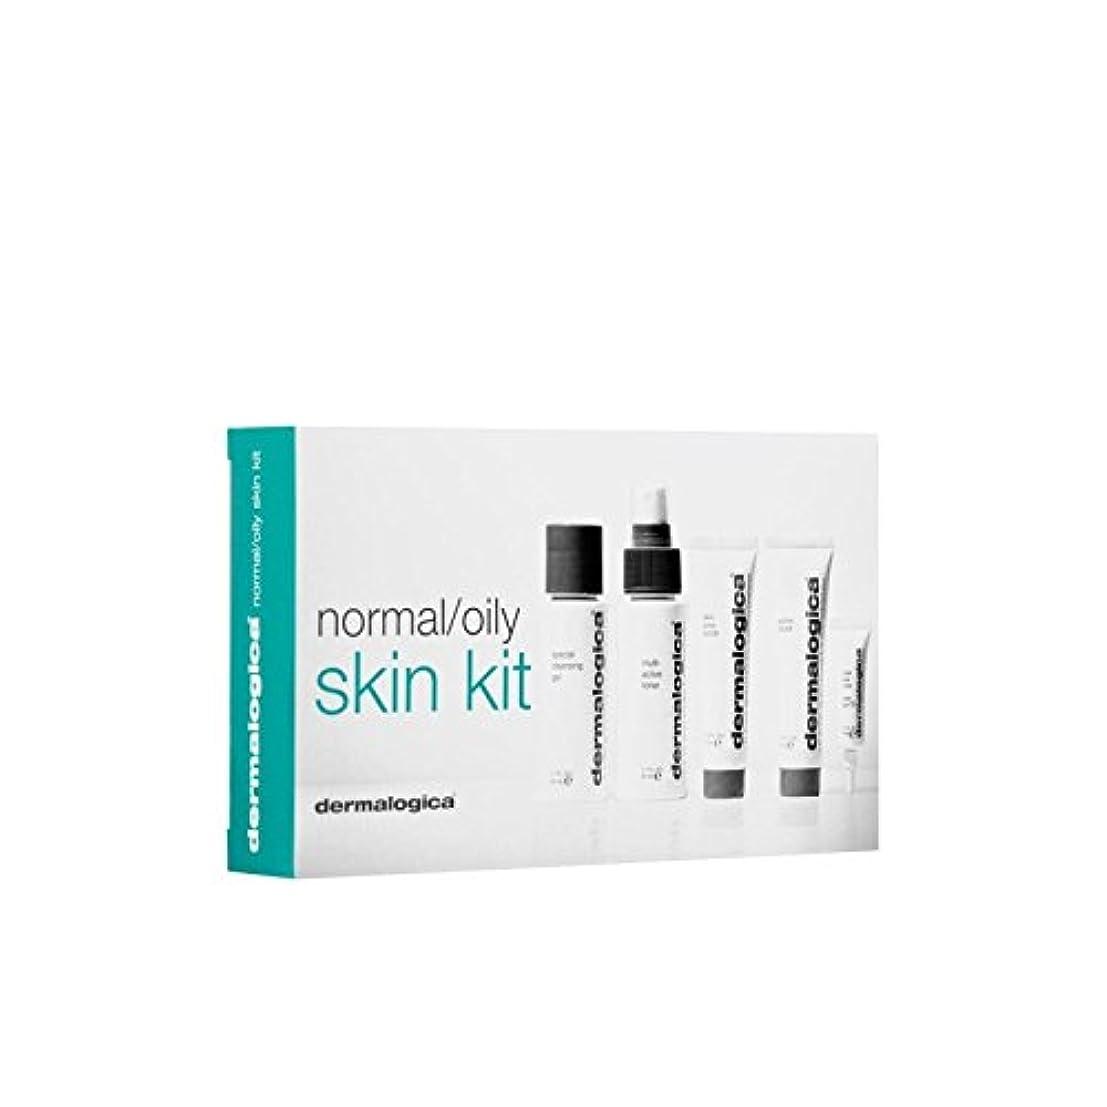 洪水嫌な聴覚障害者ダーマロジカスキンキット - ノーマル/オイリー(5製品) x2 - Dermalogica Skin Kit - Normal/Oily (5 Products) (Pack of 2) [並行輸入品]